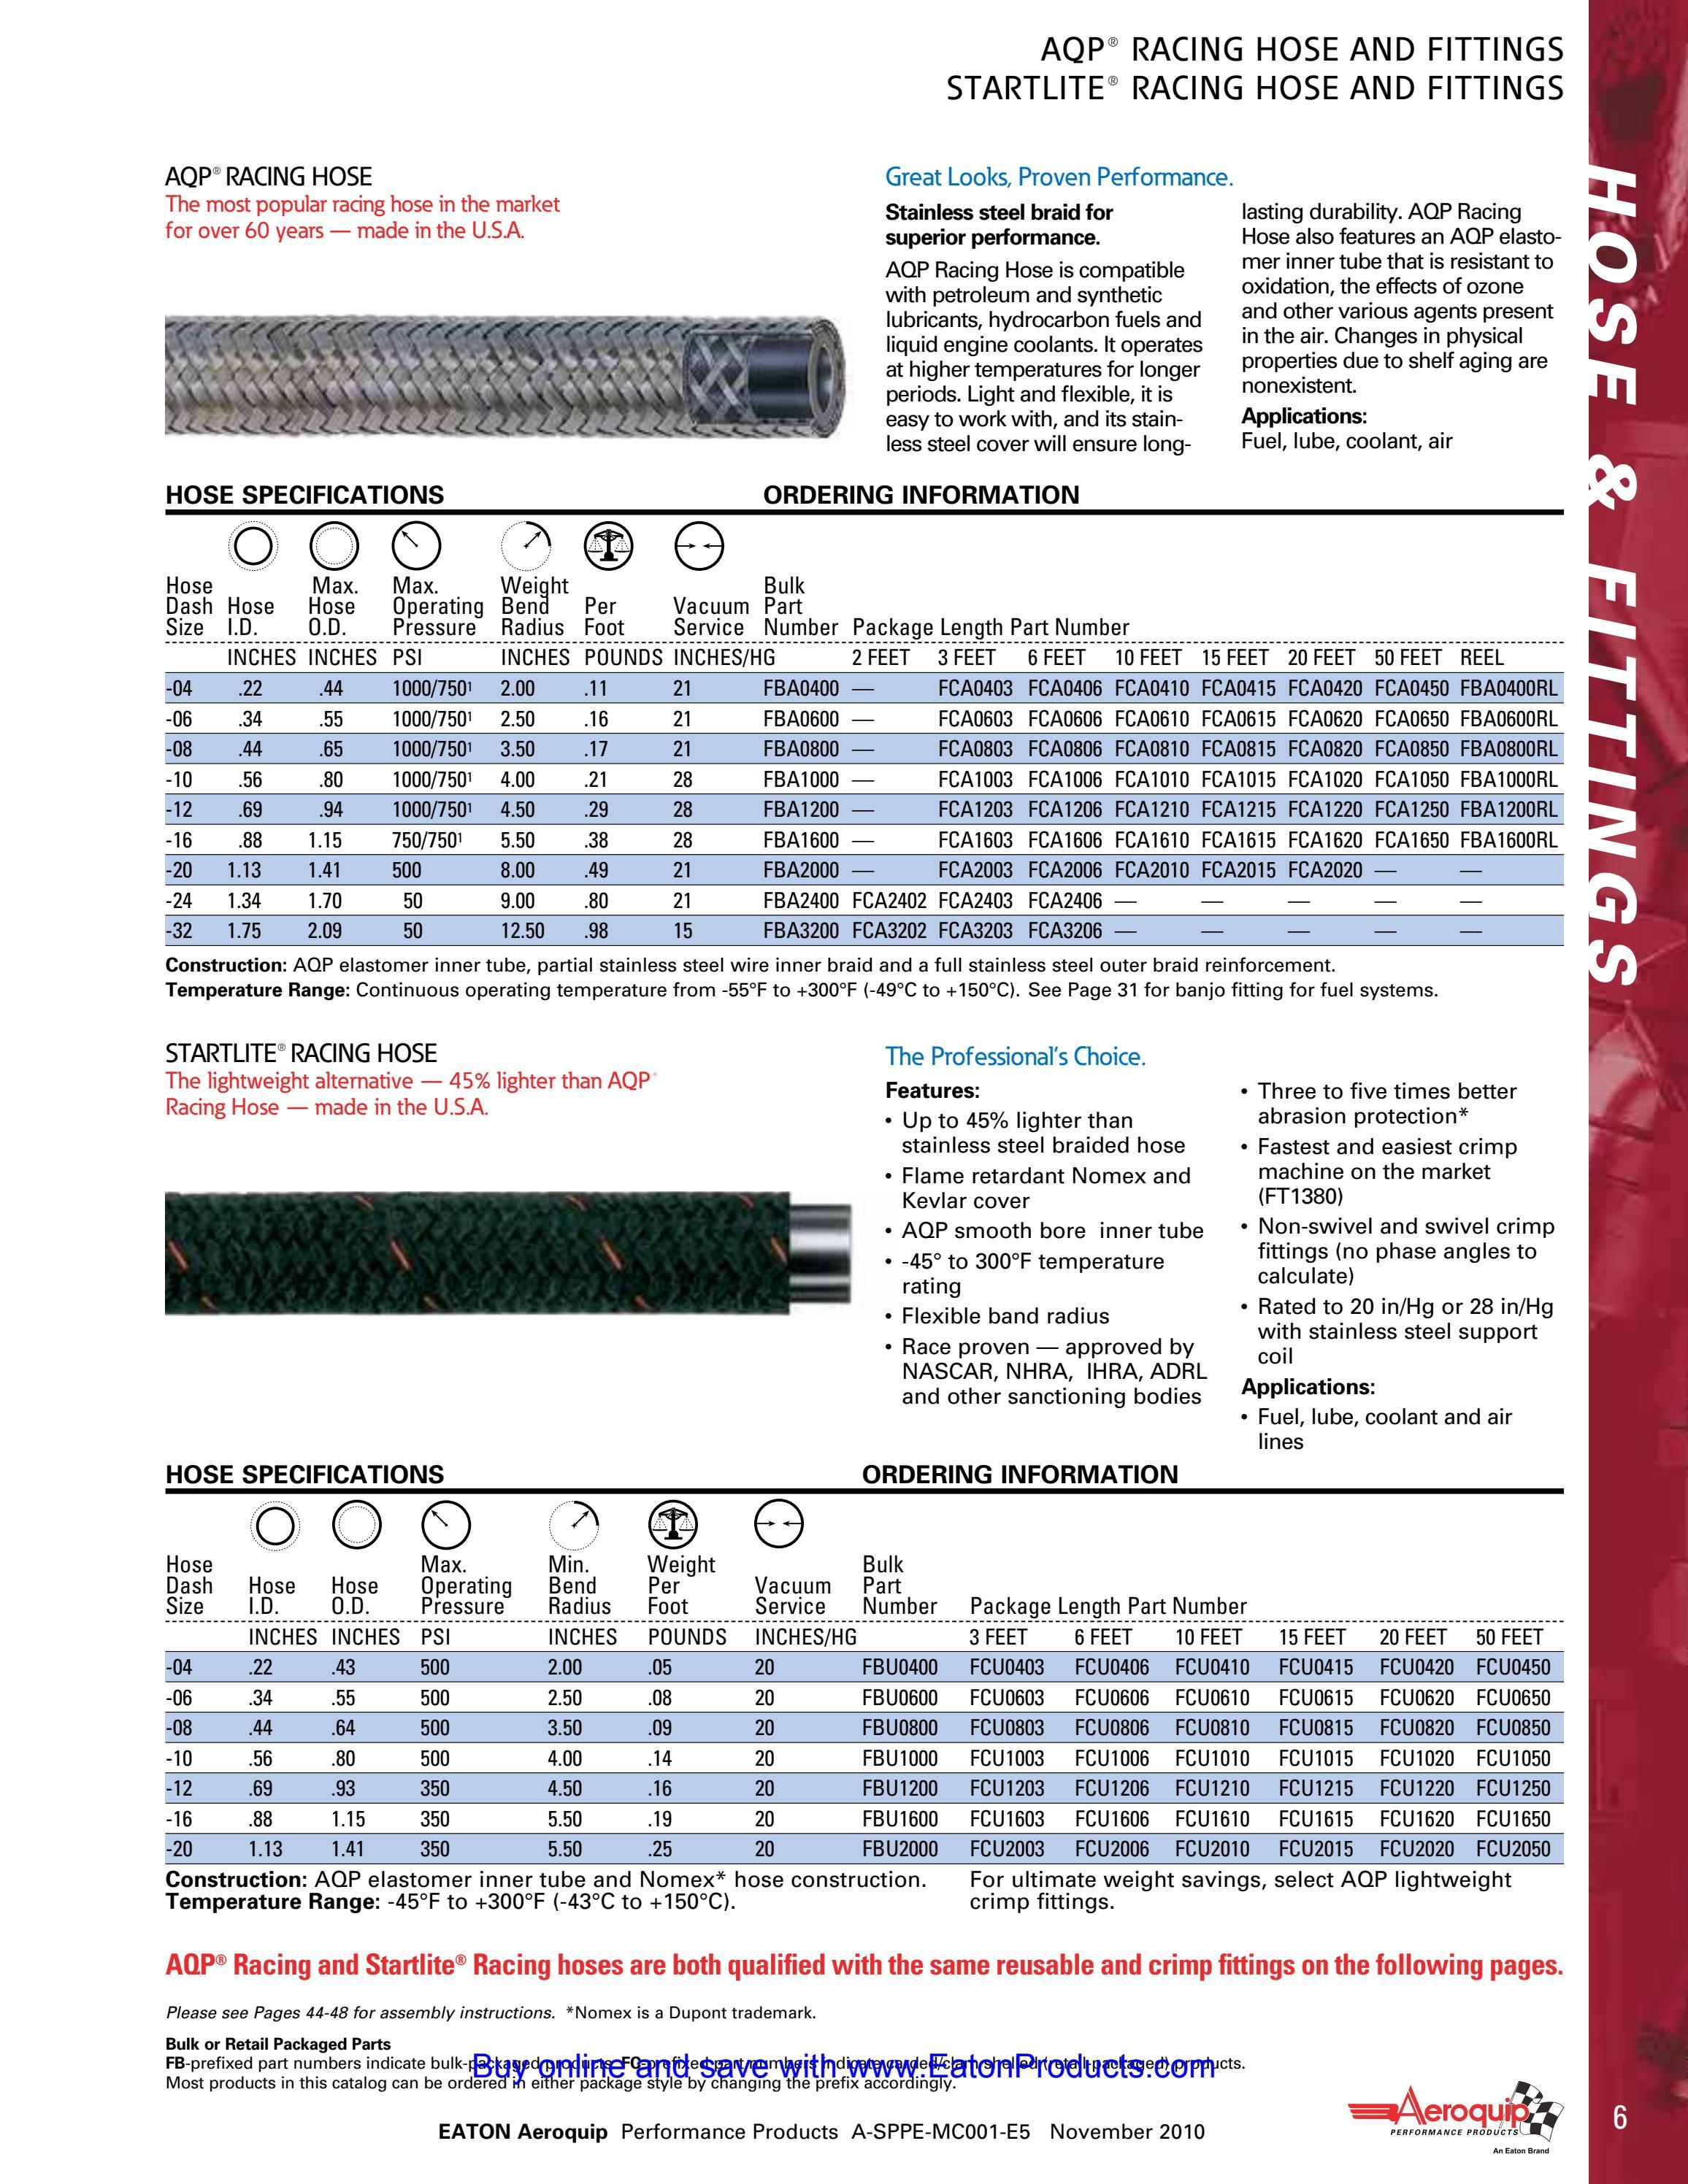 12AN Stainless Steel Braided Hose 15 Feet Aeroquip FCA1215 AQP